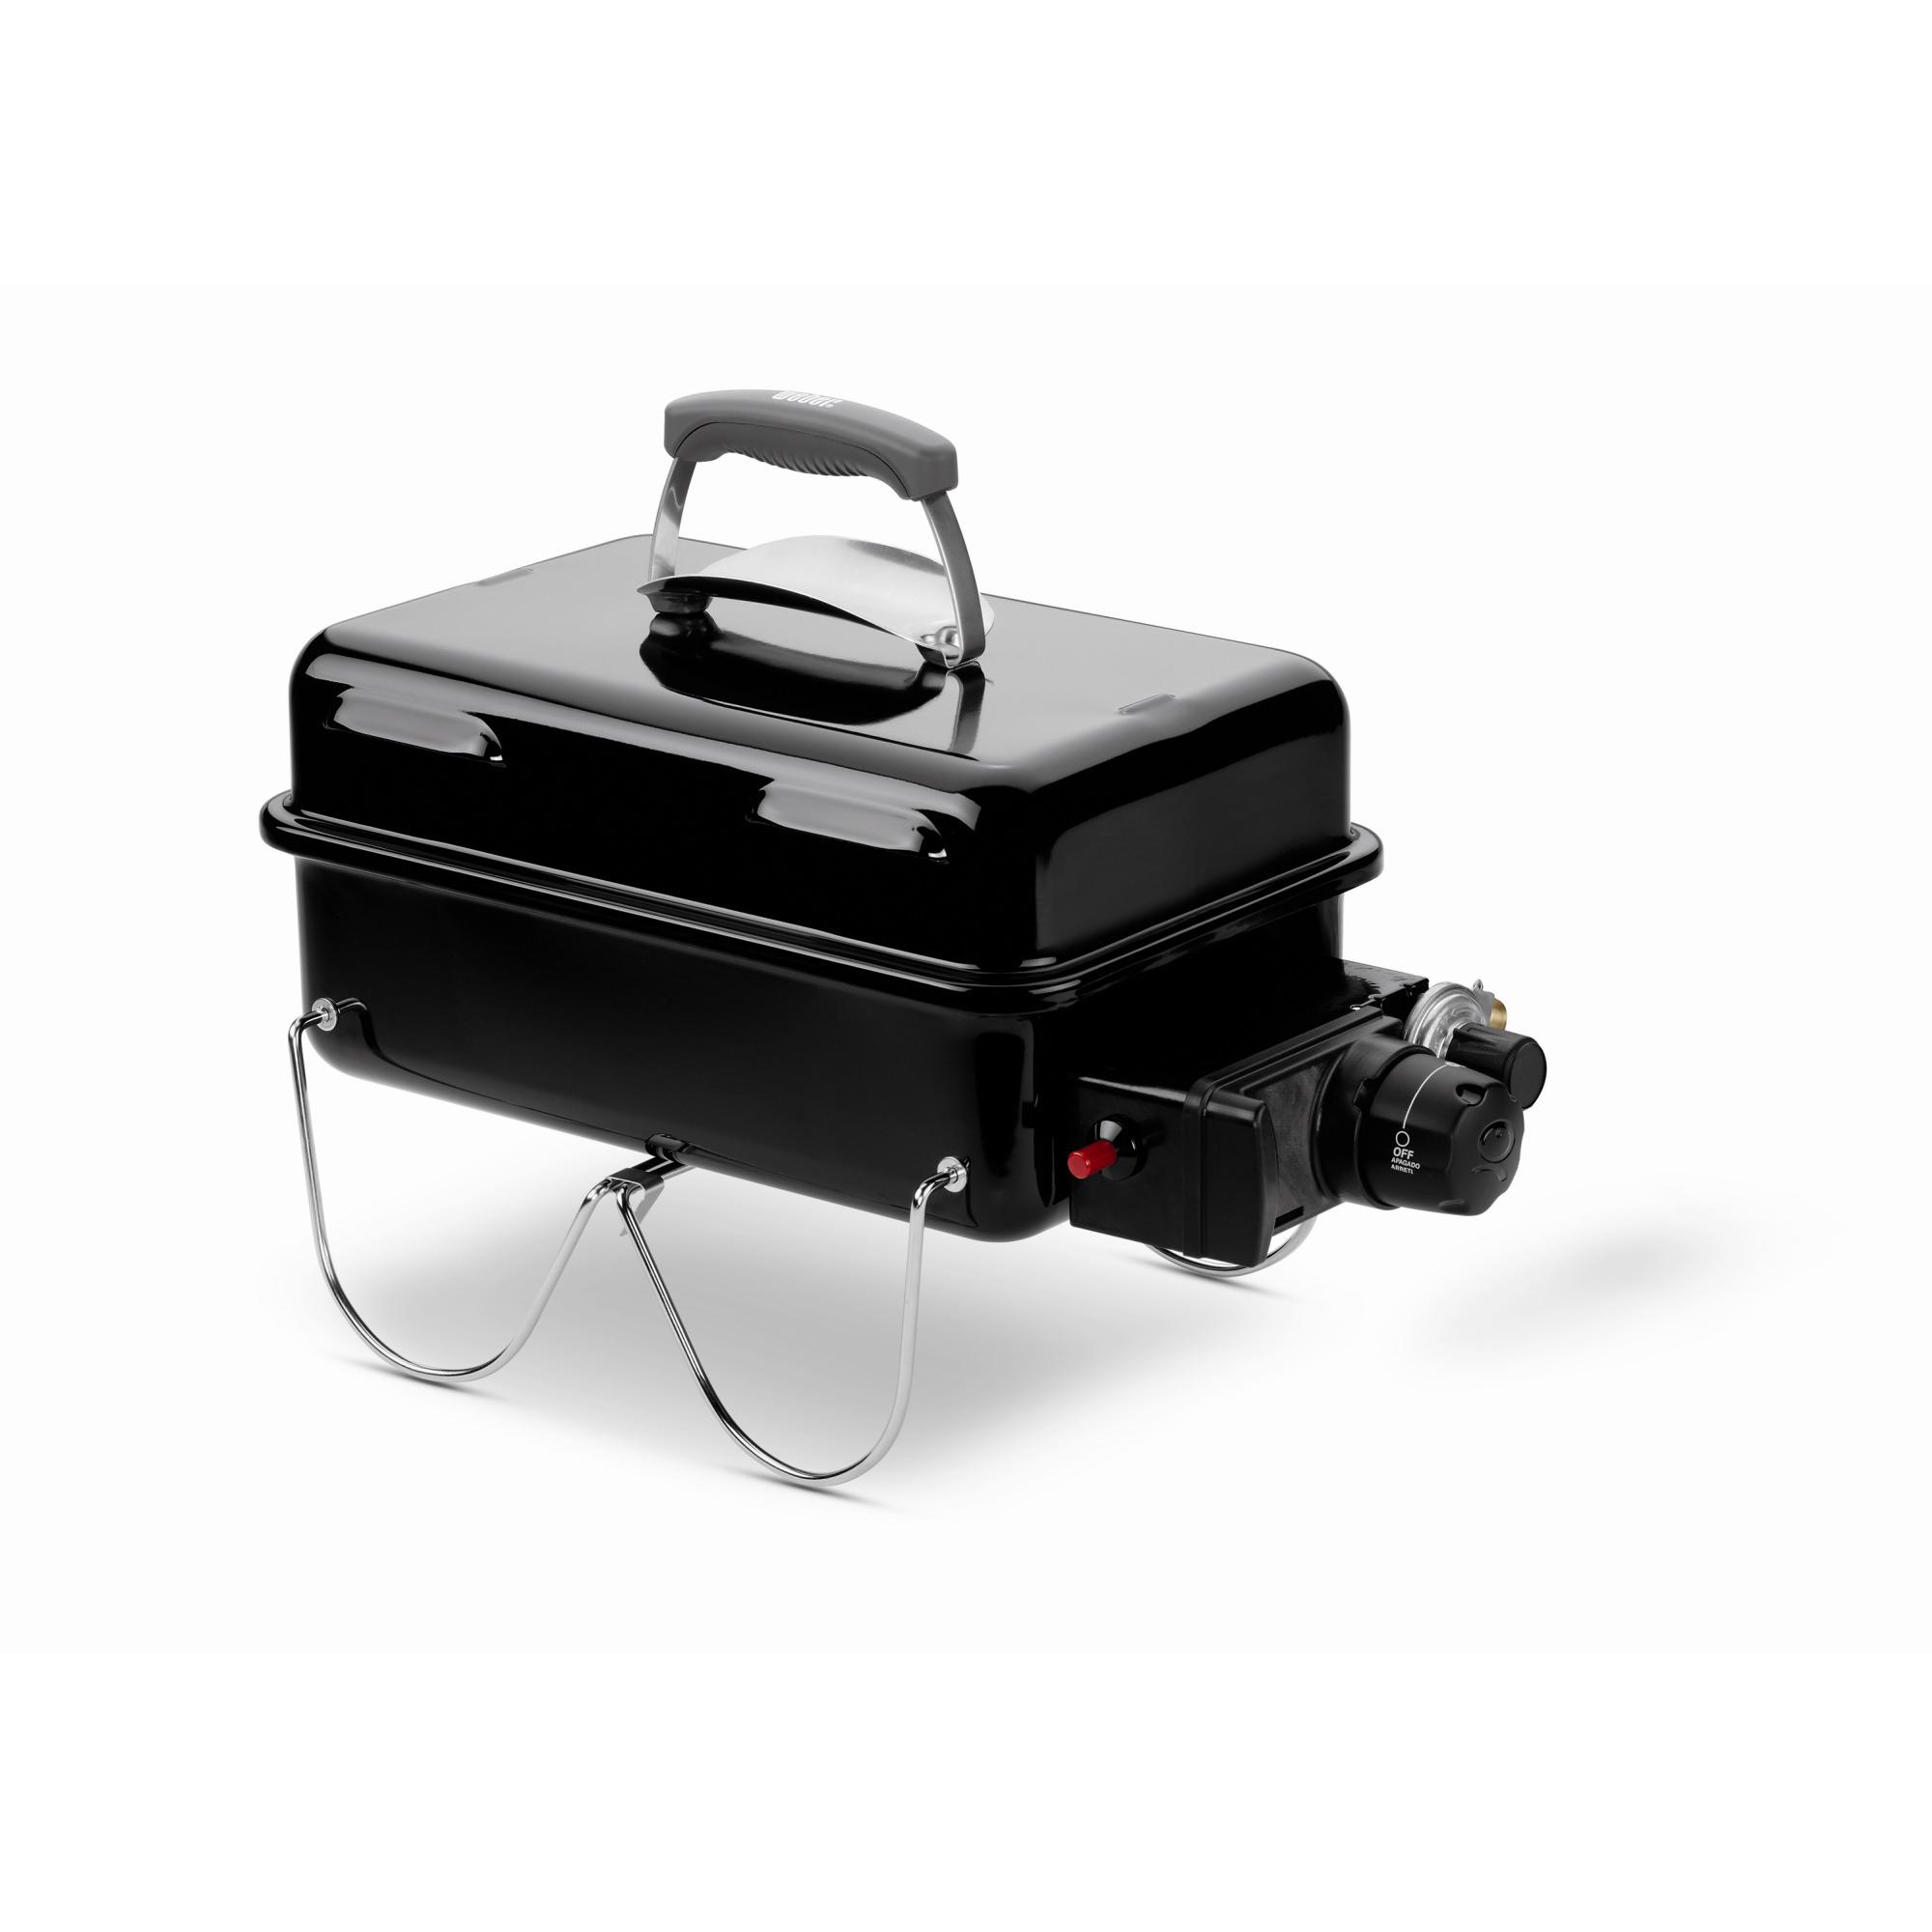 Weber Go Anywhere gasbarbecue metaal 53x37 cm